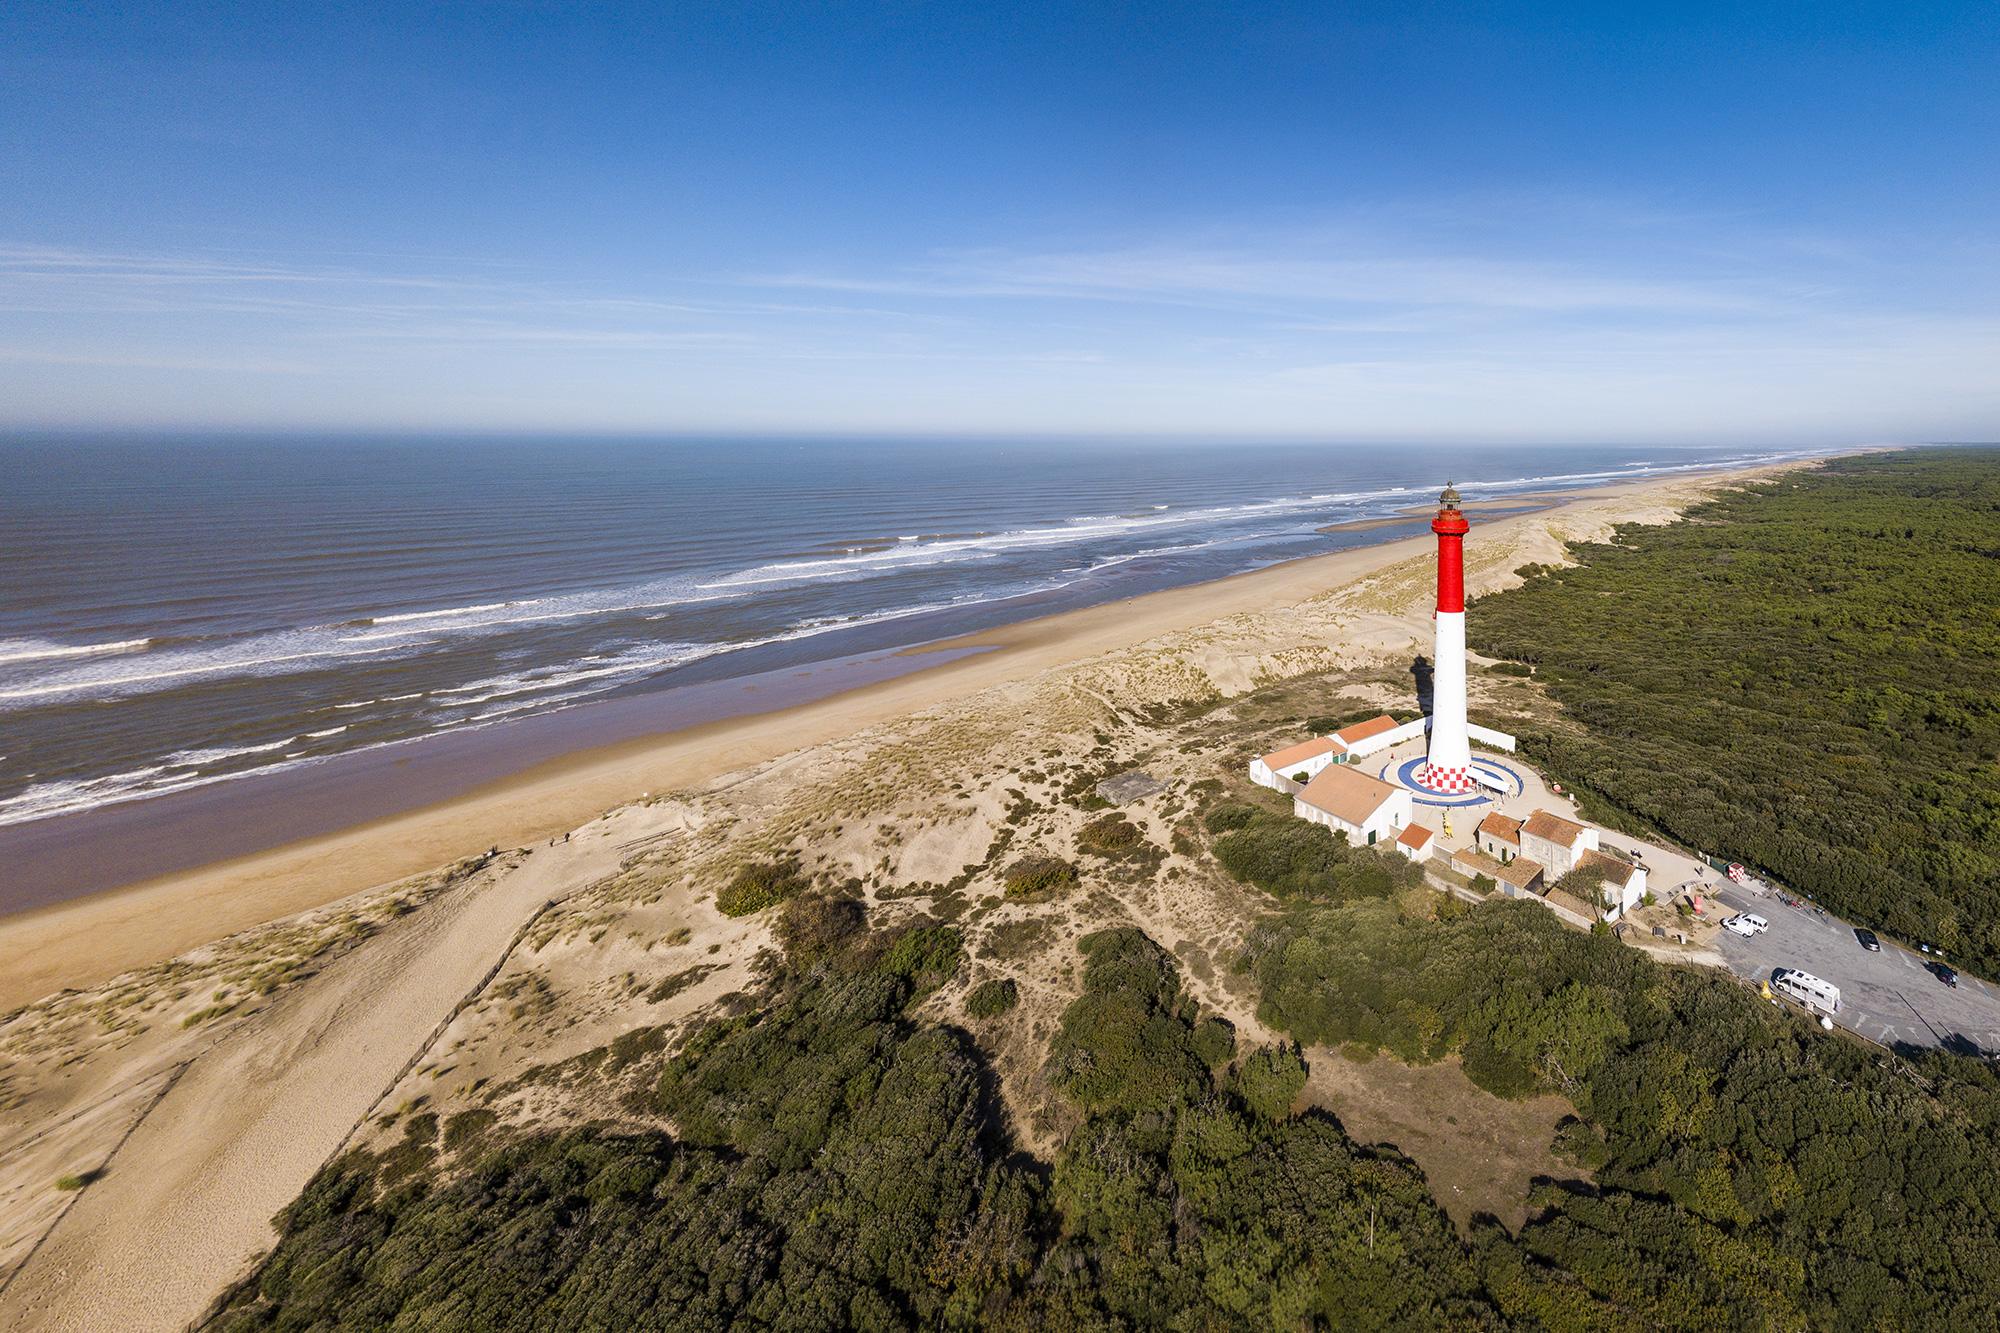 Déconfinement : Réouverture progressive des plages en France - Routard.com